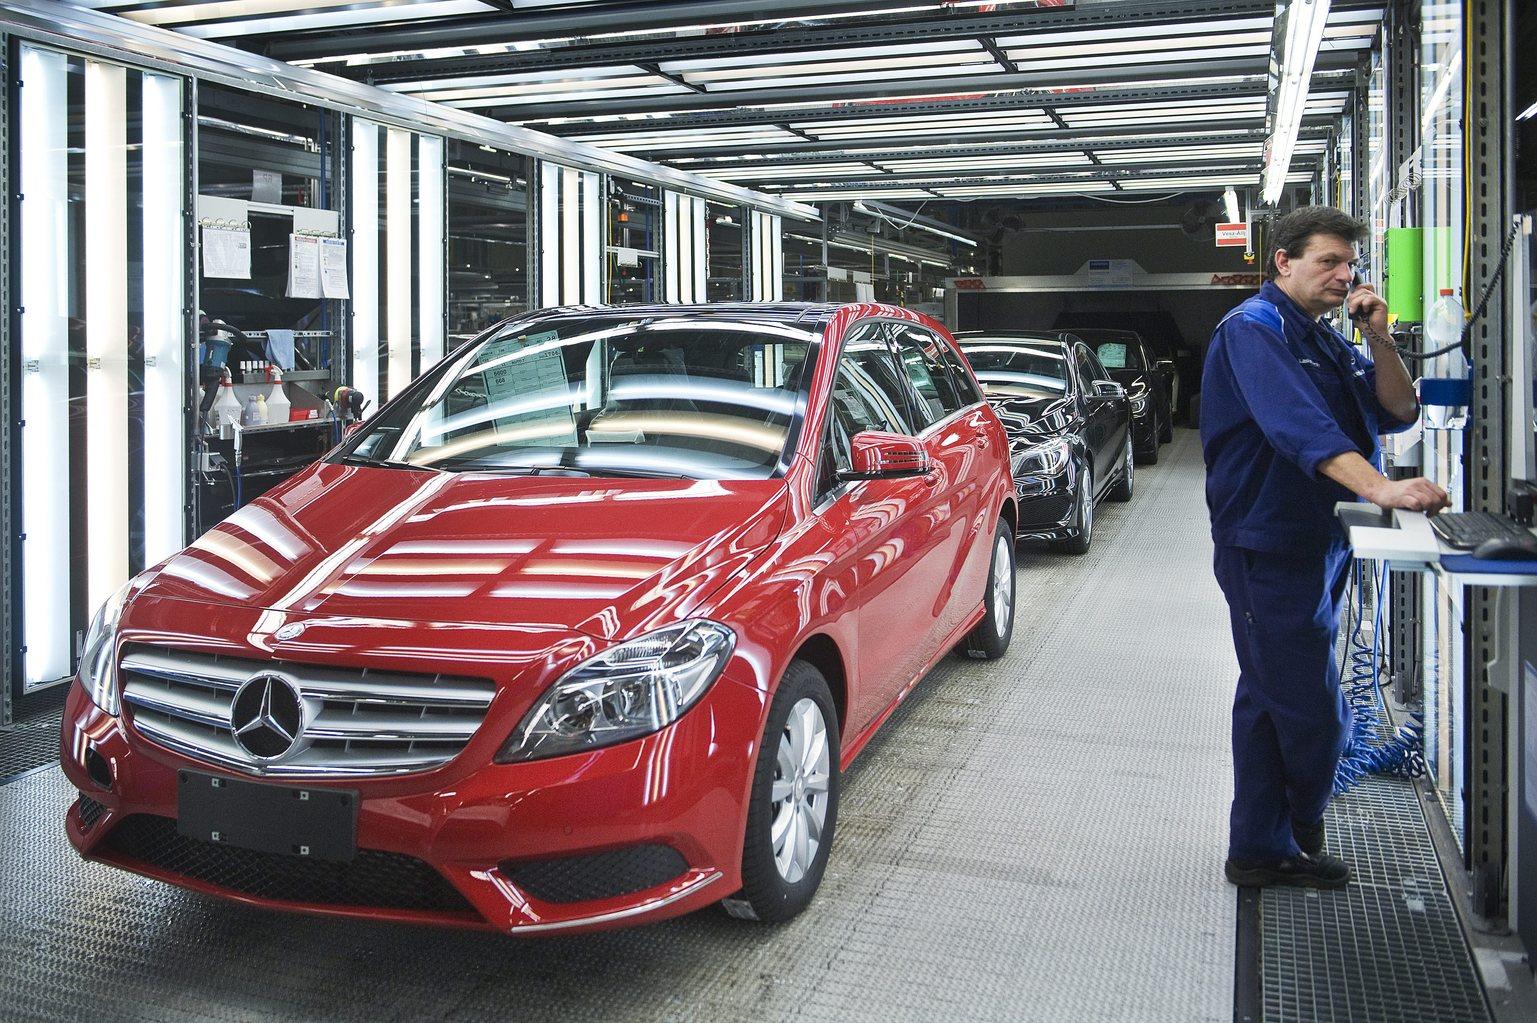 Kecskemét, 2013. szeptember 30. Egy dolgozó telefonál egy Mercedes-Benz B osztályú autó mellett a szerelőüzemben, a Mercedes-Benz kecskeméti gyárában 2013. szeptember 30-án. A Daimler AG másfél éve nyitotta meg gyárát Kecskeméten, ahol októbertől a nagyközönség előtt is megnyílnak az üzem kapui. A 18 hónap alatt több mint 100.000 Mercedes-Benz B-osztály, illetve CLA-modell gördült le a hazai gyártósorról. MTI Fotó: Ujvári Sándor